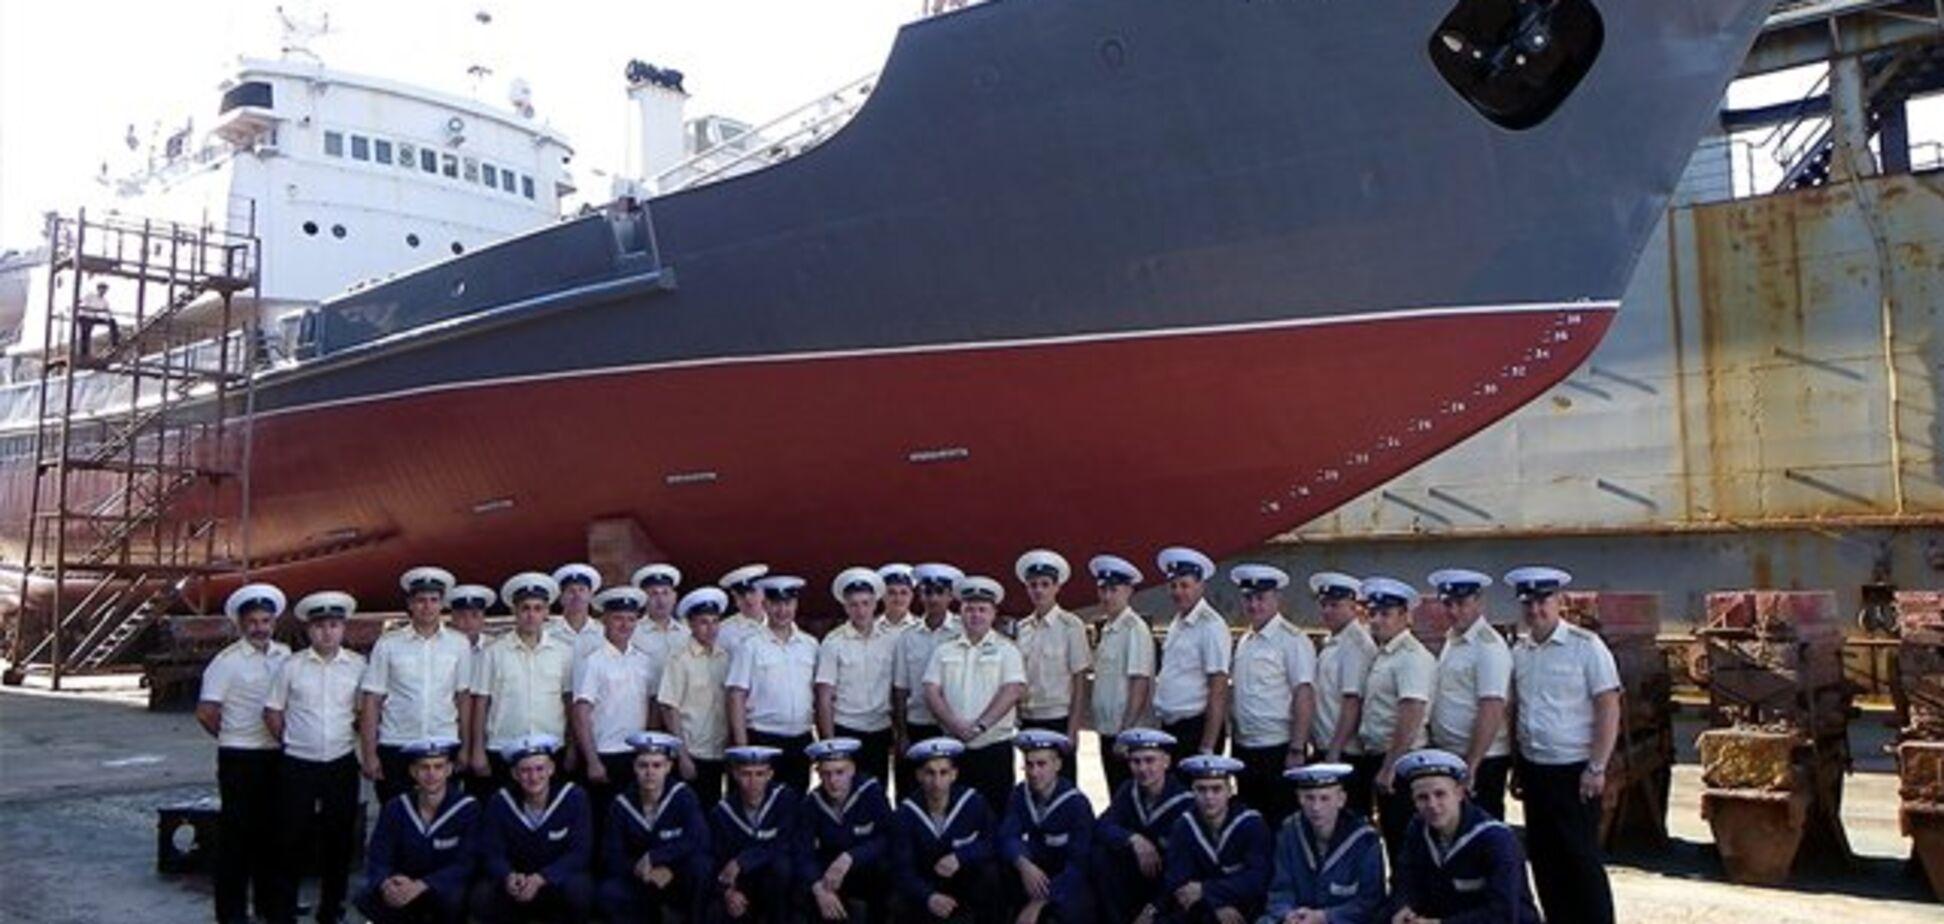 В оккупации Крыма участвовал 519-й дивизион кораблей-разведчиков ВС России: доказательства